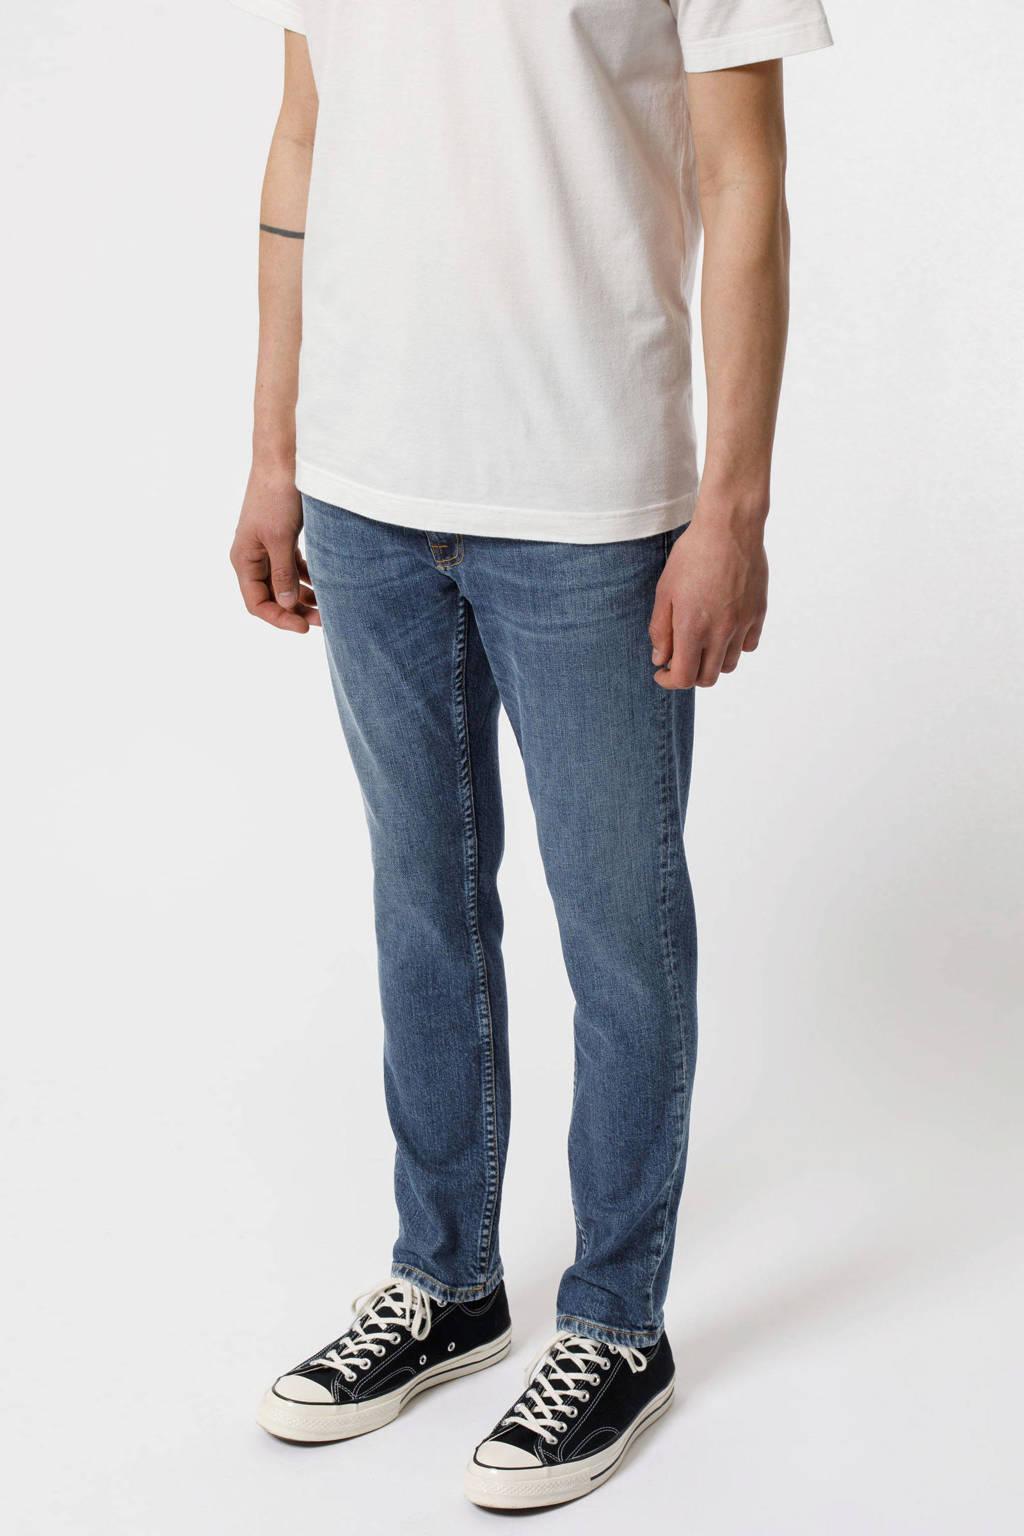 Nudie Jeans slim fit jeans Lean Dean blue vibes, Blue Vibes